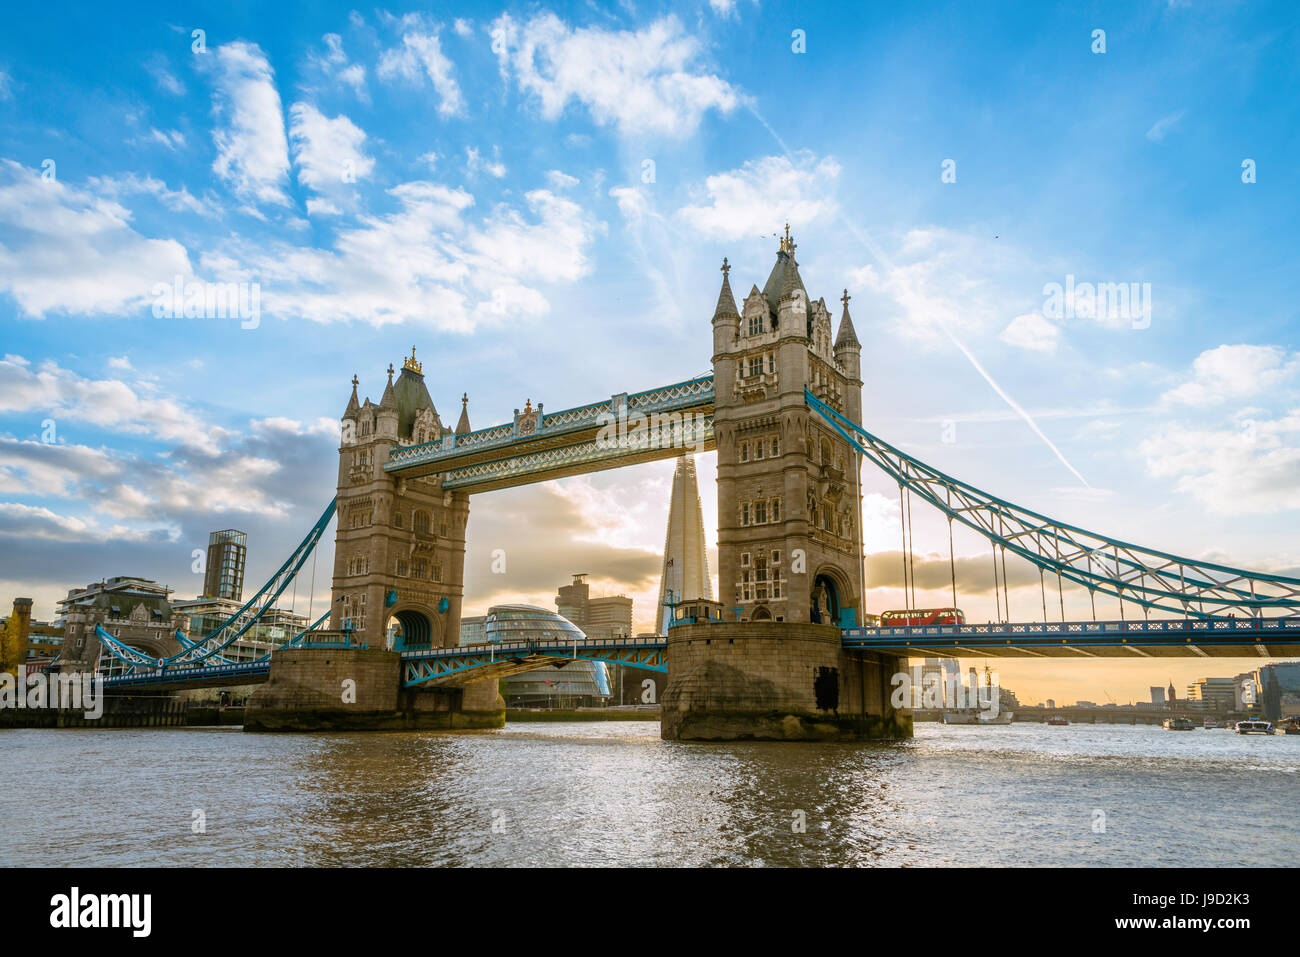 Il Tower Bridge sul fiume Thames, London, England, Regno Unito Immagini Stock